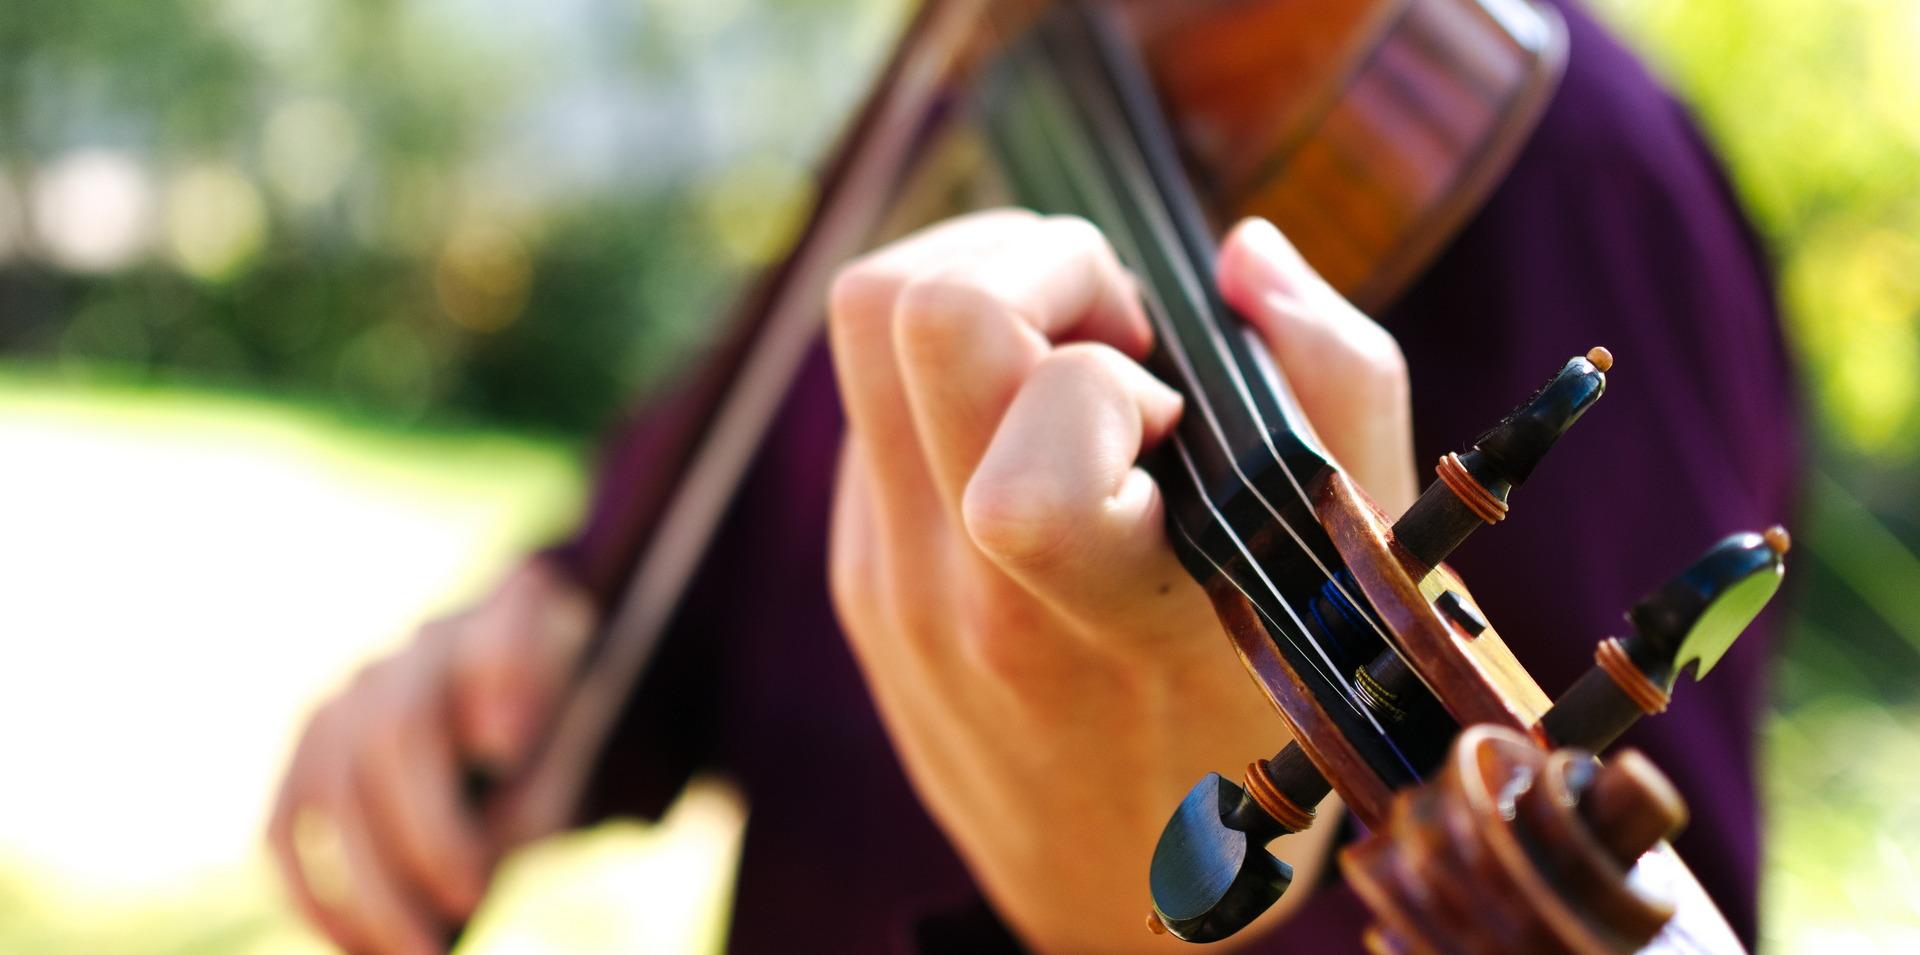 Dongbin Shin Violinist